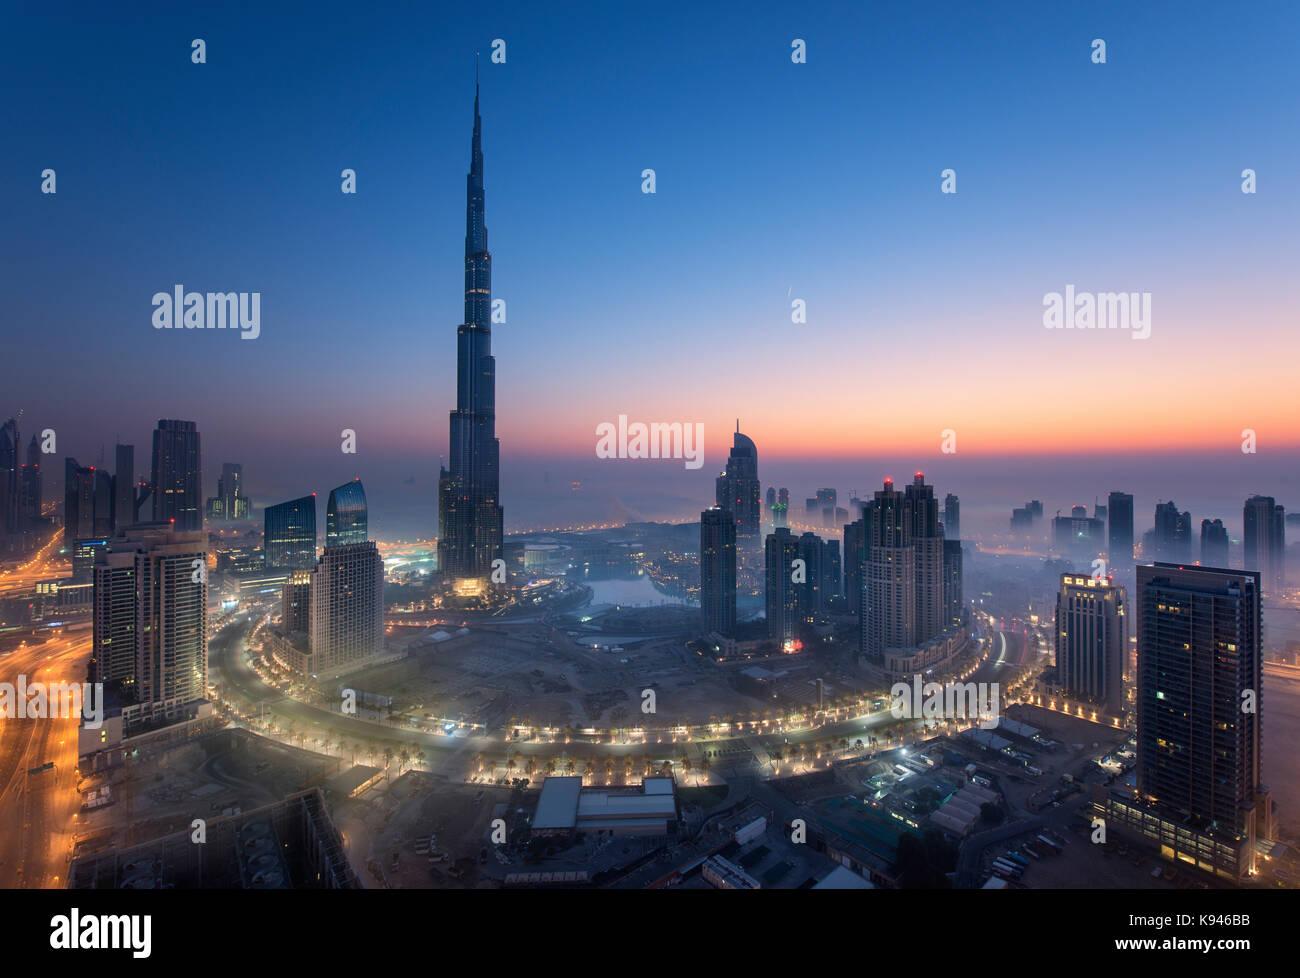 Paysage urbain de Dubaï, Émirats arabes unis, au crépuscule, avec le gratte-ciel Burj Khalifa et Photo Stock